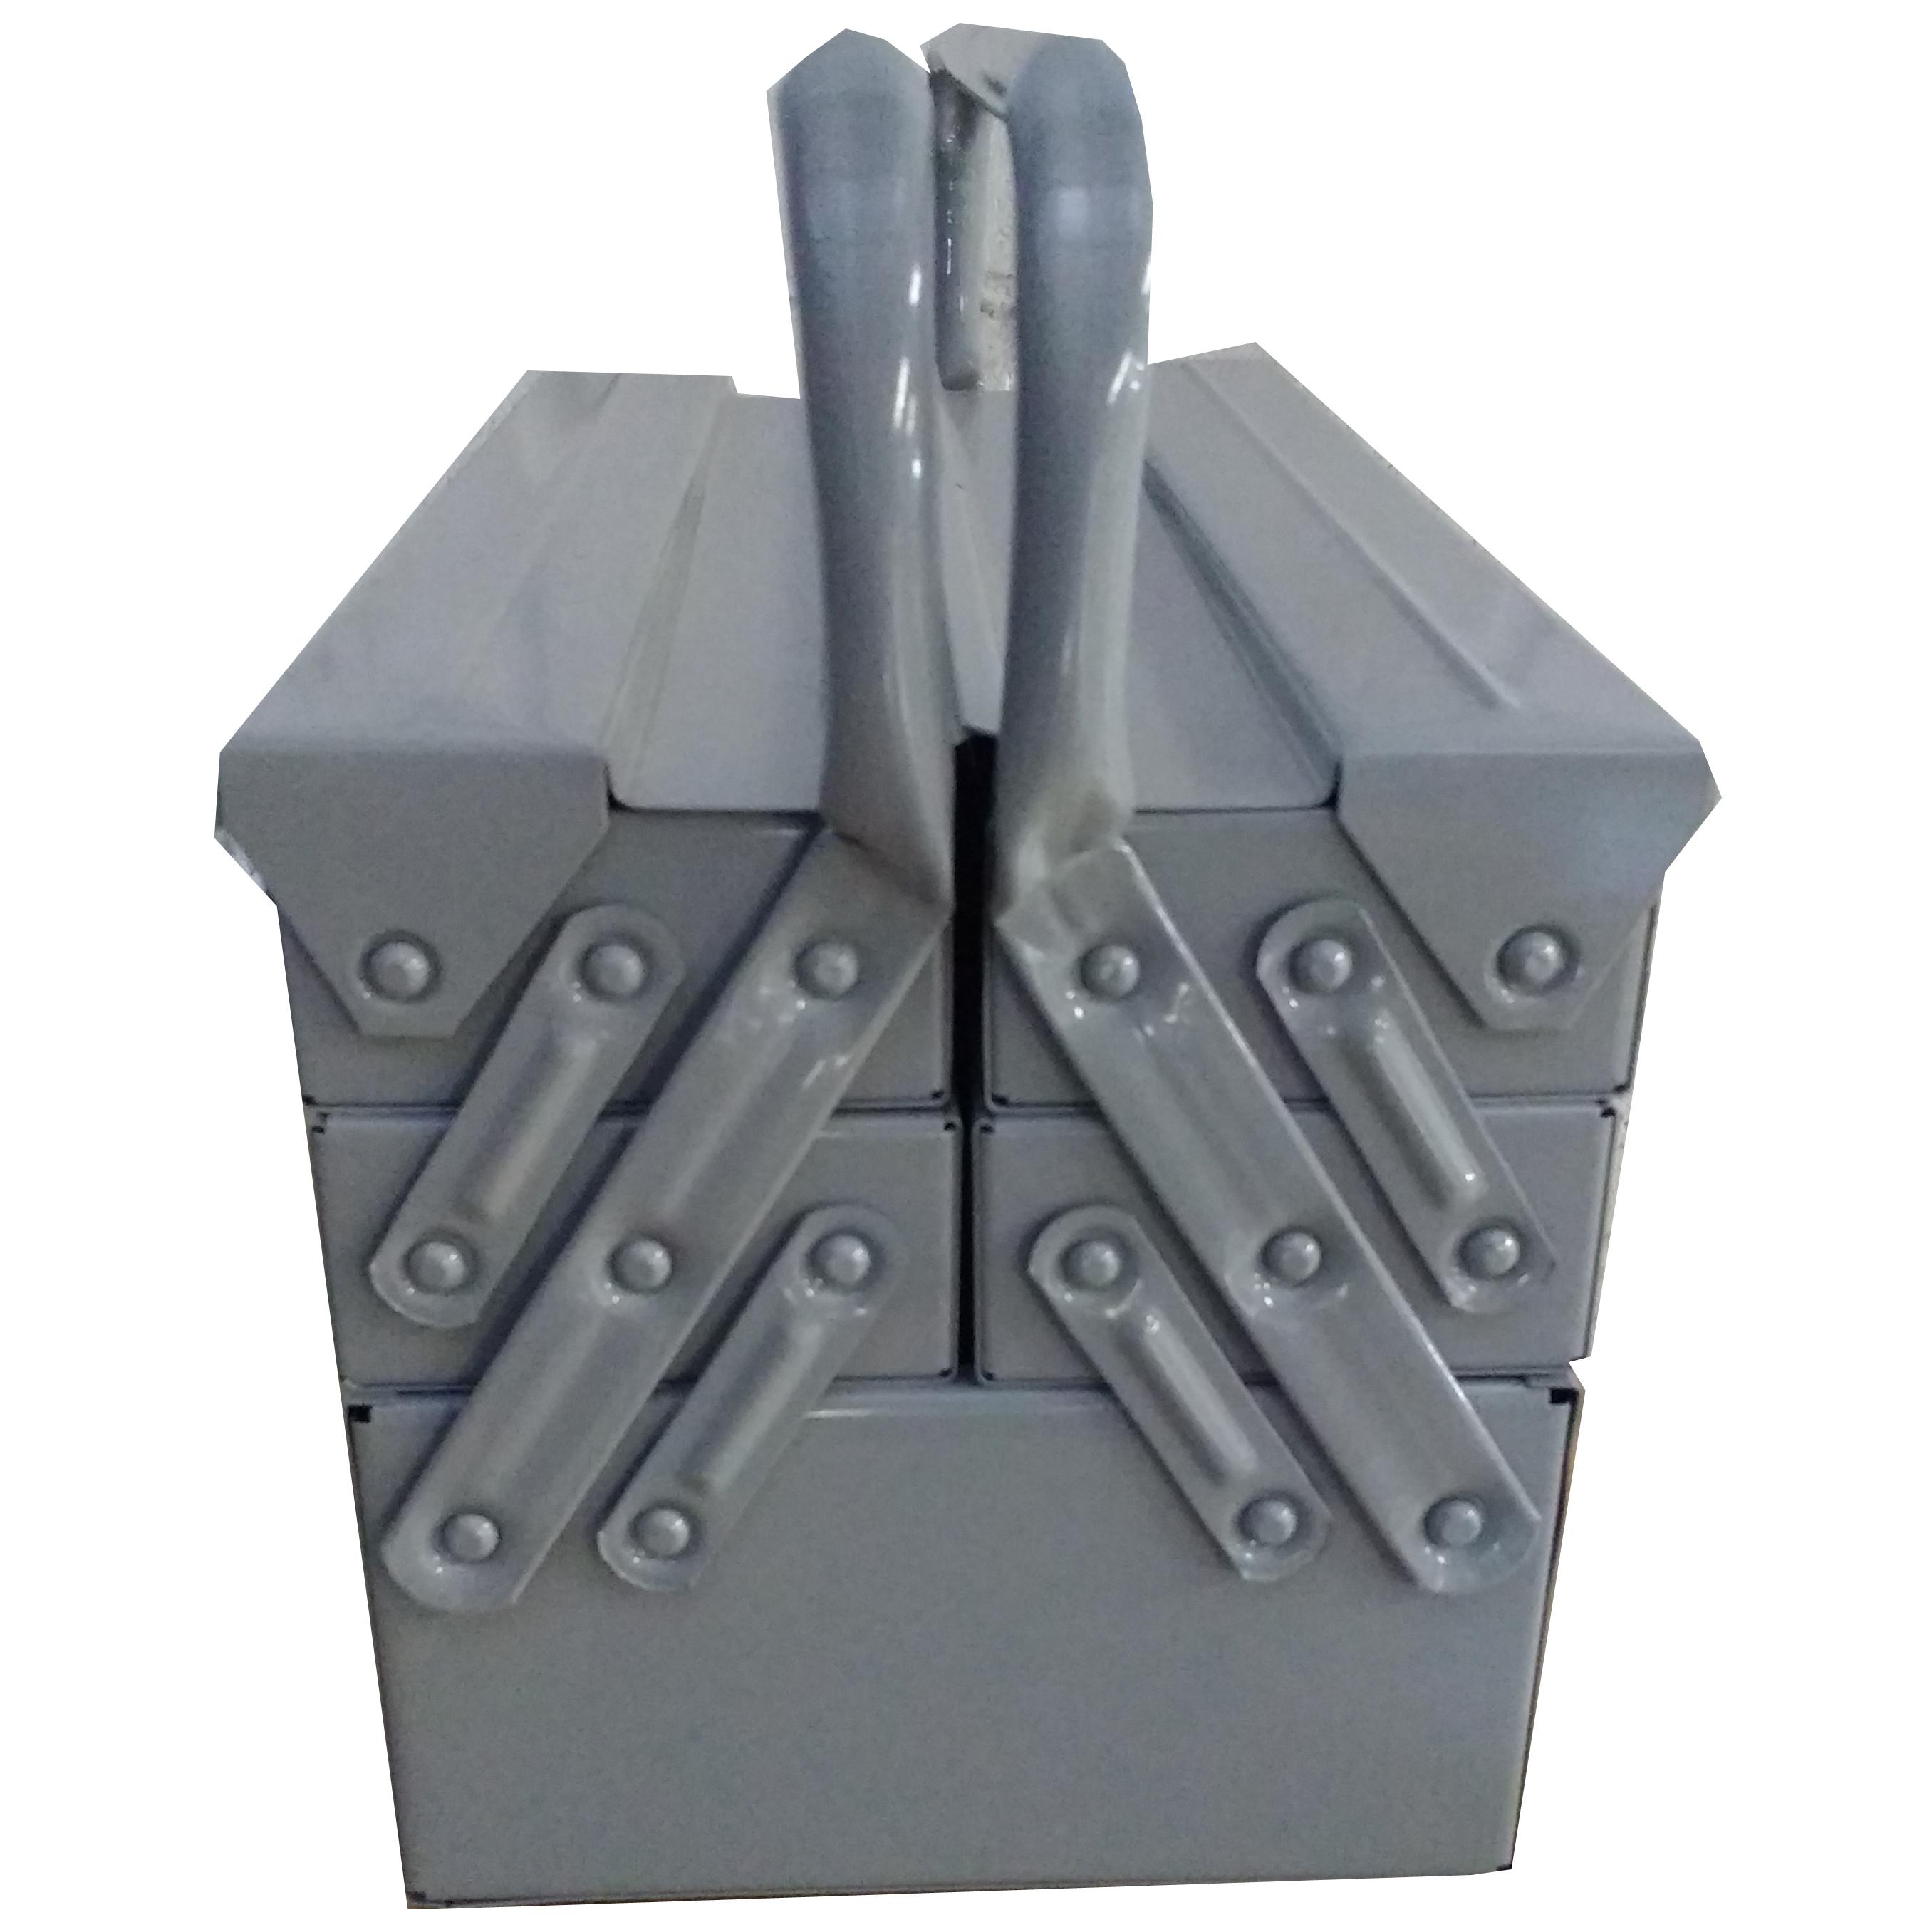 http://www.nilart.com.br/galeria/caixa-ferramentas-sanfonada-5-gavetas-50-cm-cabo-fixo-reforcada-400.550-3.jpg